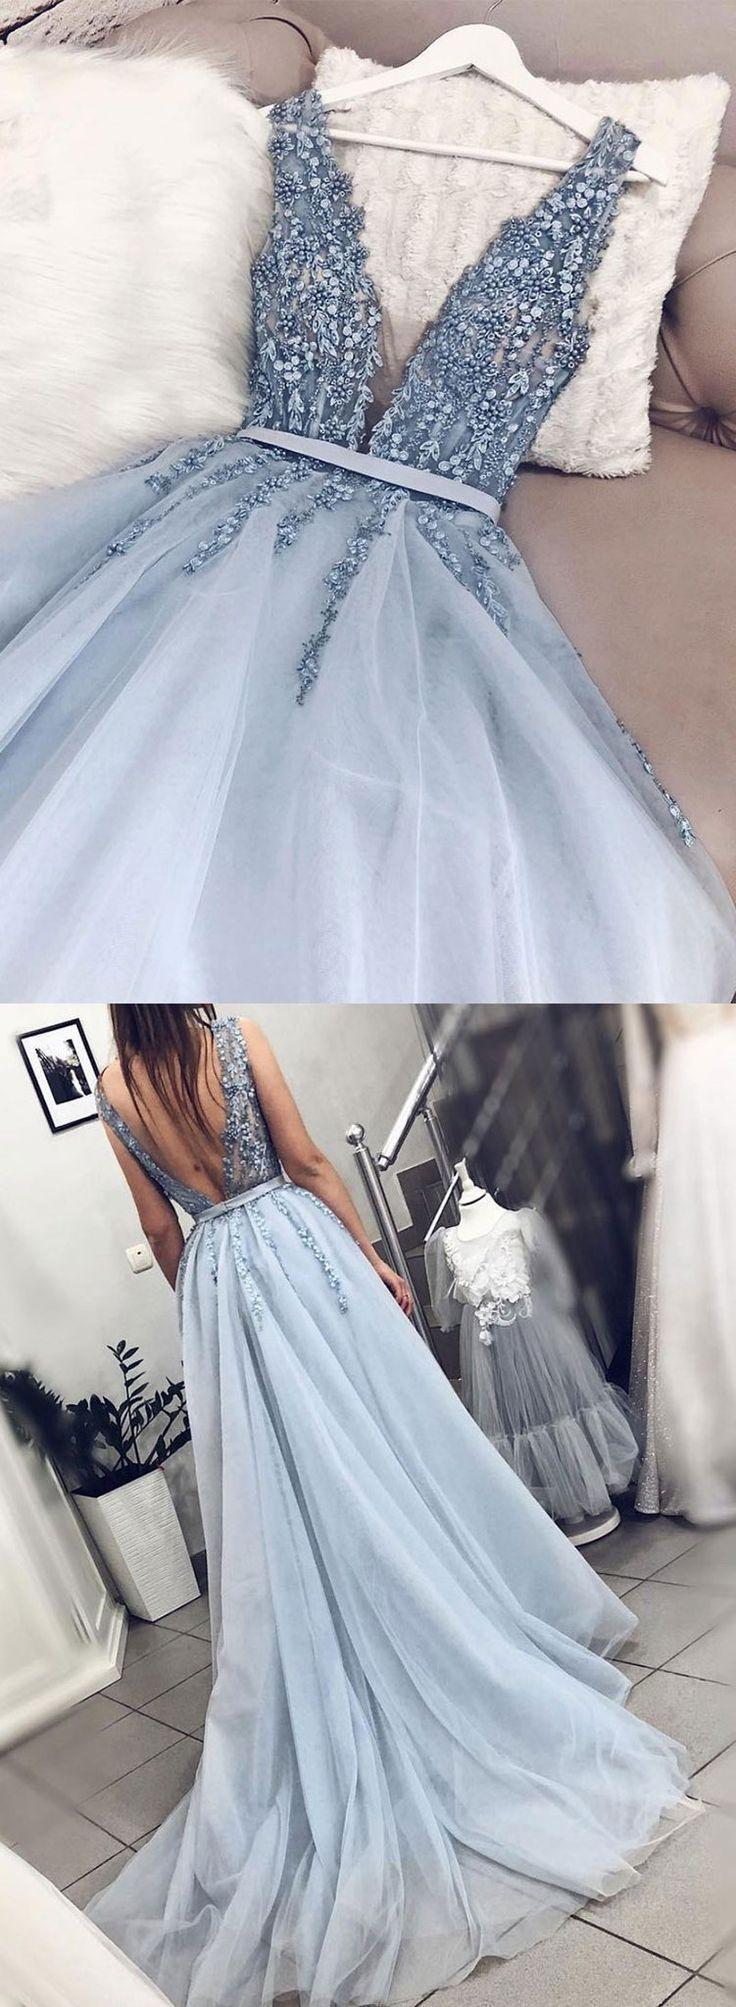 Blaues V-Ausschnitt Tüll Perlen langes Abendkleid, Abendkleid – trendy – #Abend